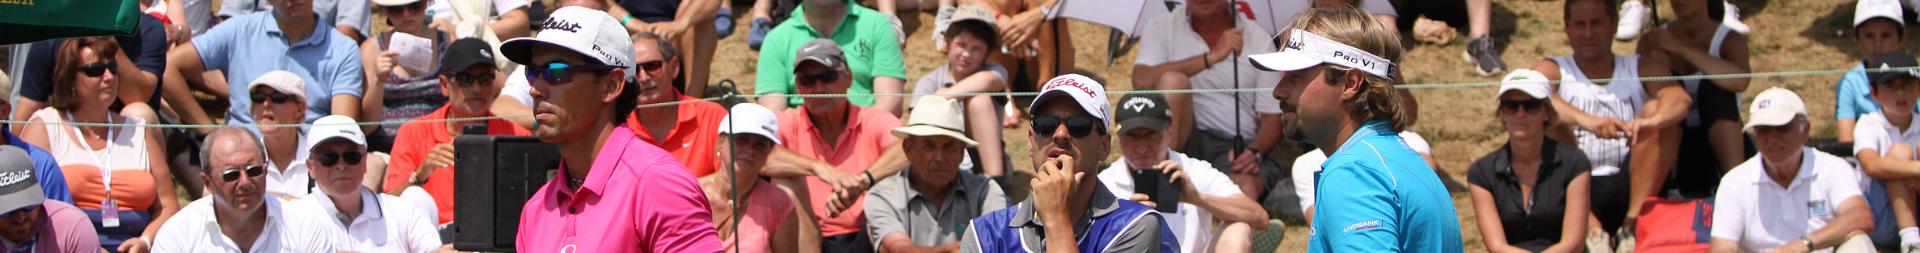 PGA Tour Turniere